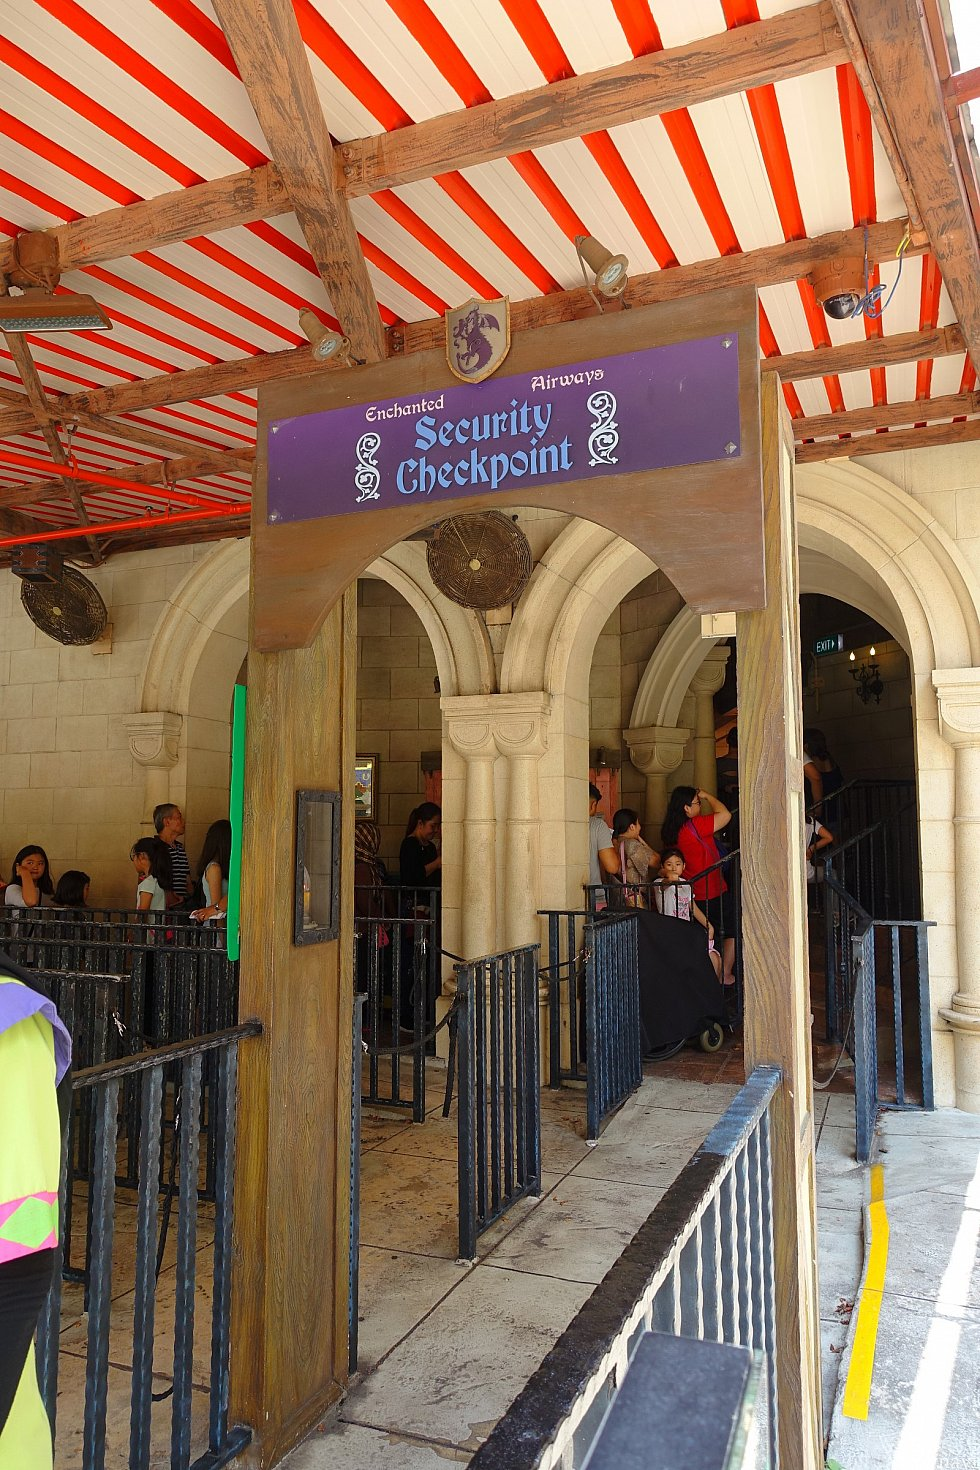 ちゃんとセキュリティゲートがあります。ただし、エクスプレス列でしか通れません。